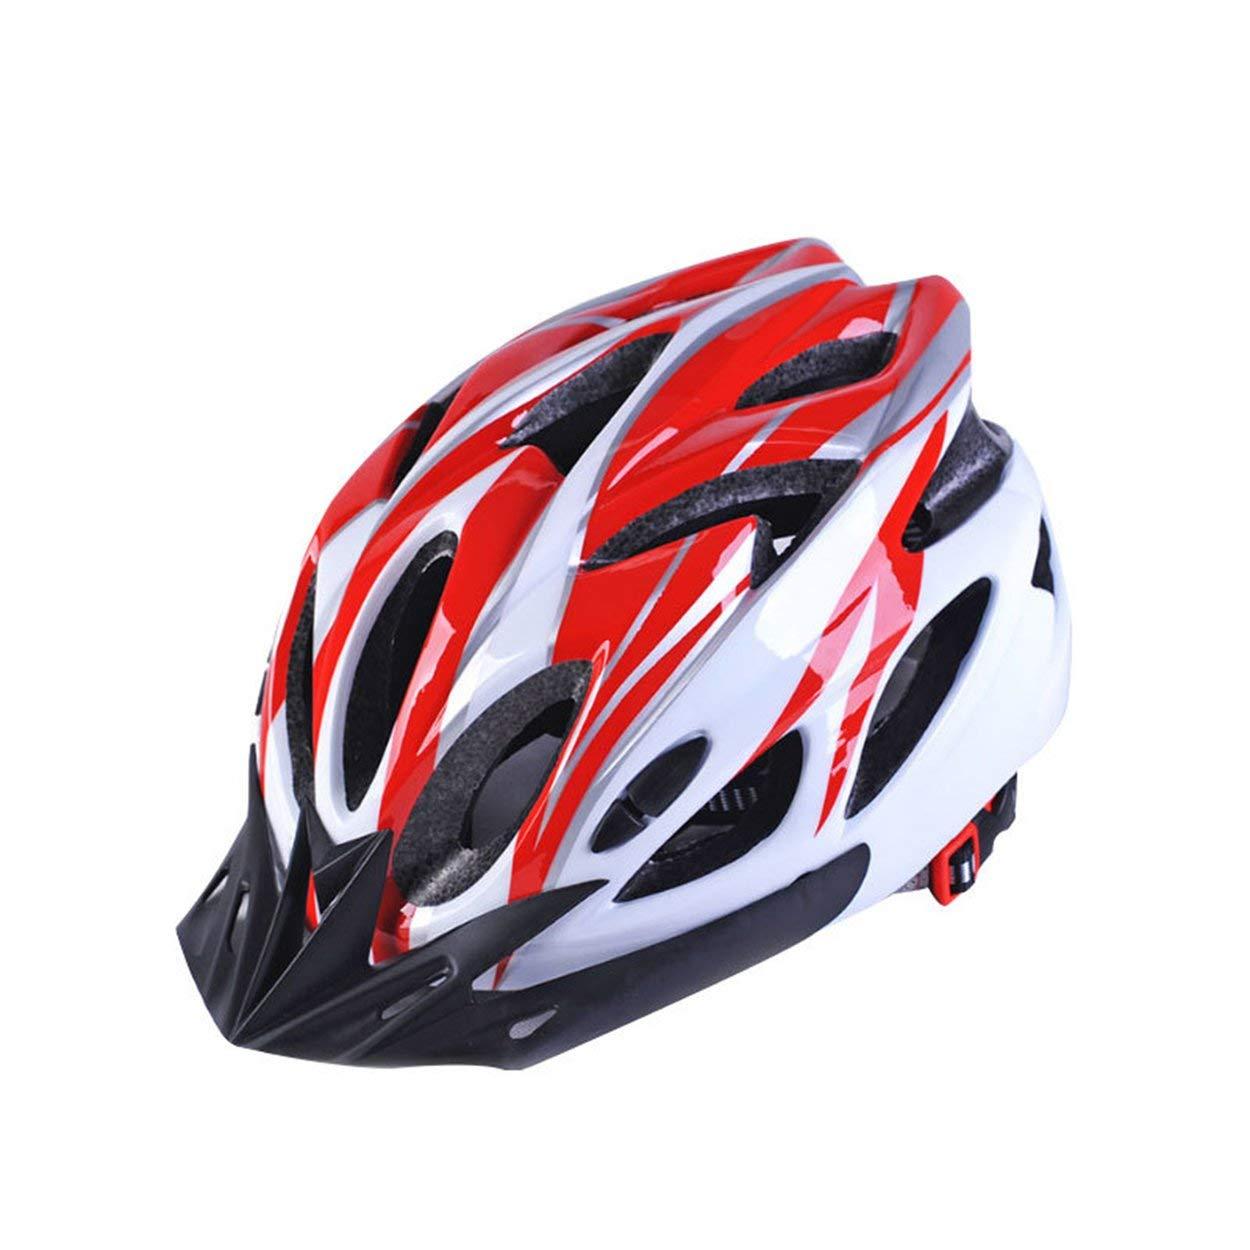 Lorenlli Casco de Bicicleta Casco de formaci/ón integrada Equipo de Bicicleta Sombrero de Seguridad Duradero Accesorios para Bicicletas de monta/ña